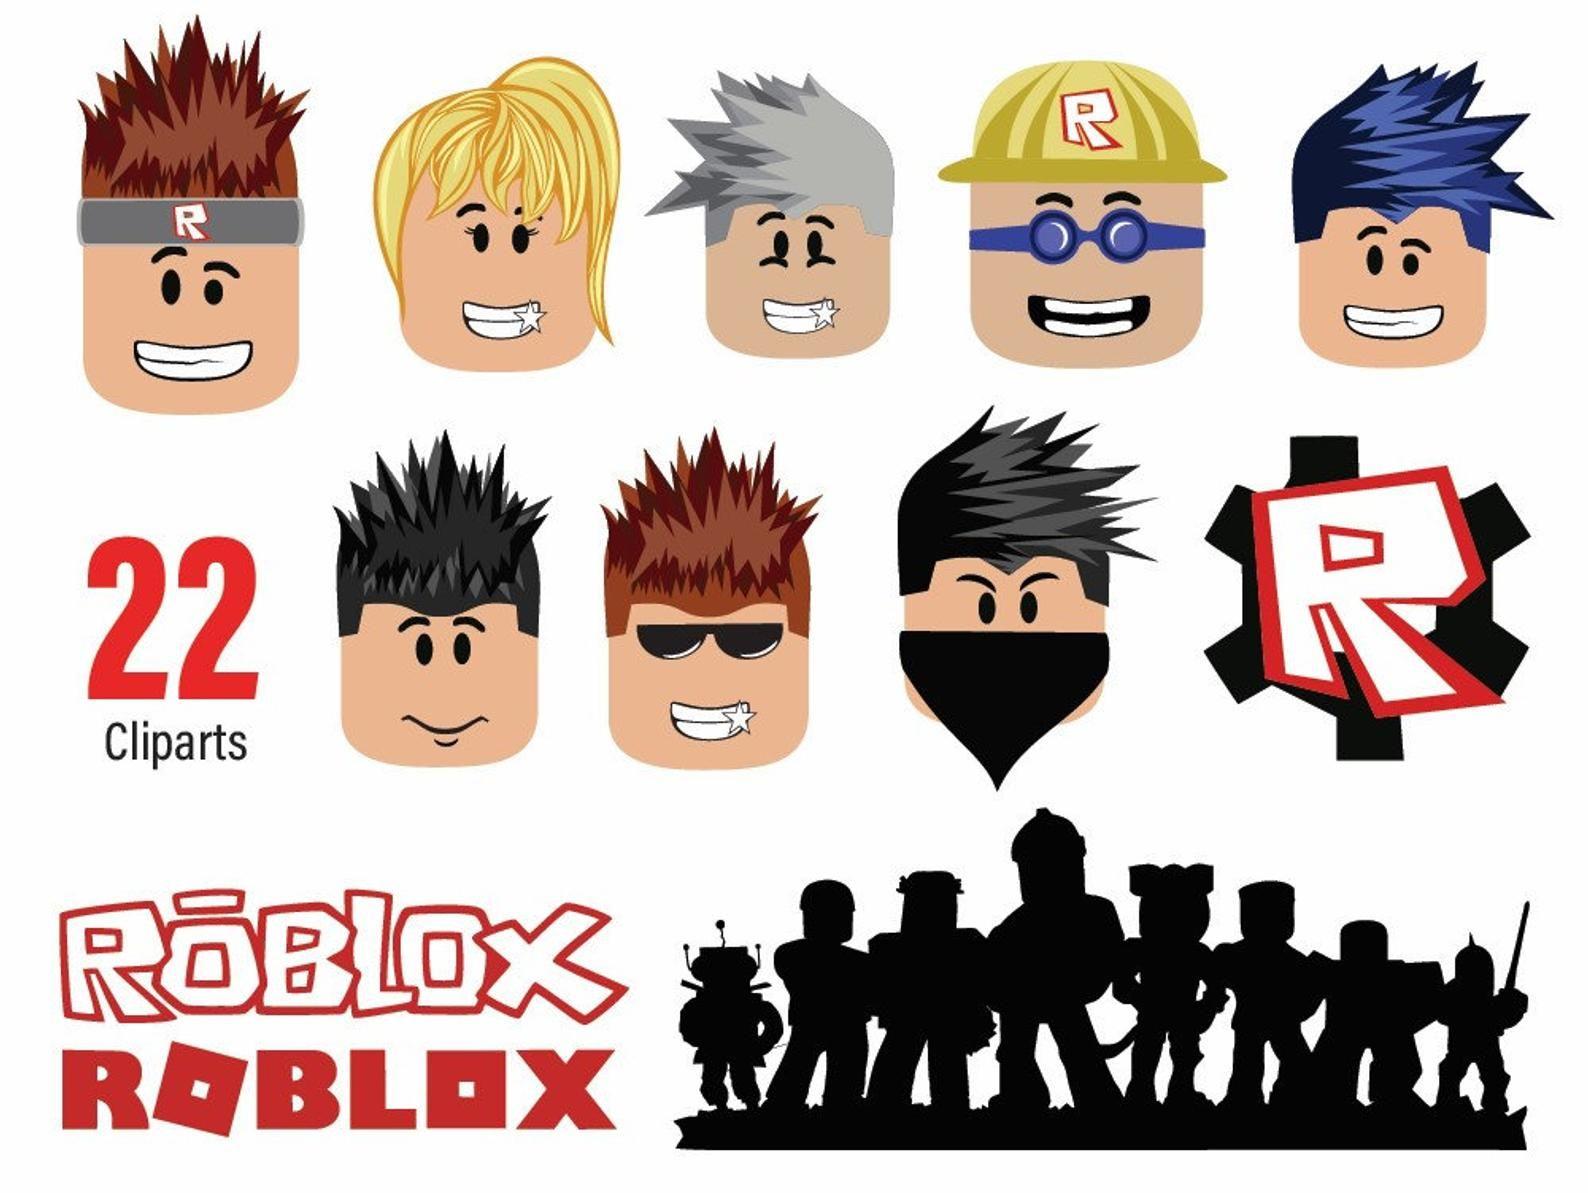 22 Imagenes Predisenadas De Vectores Roblox Svg Archivos Etsy In 2020 Birthday Photo Booths Birthday Printables Roblox